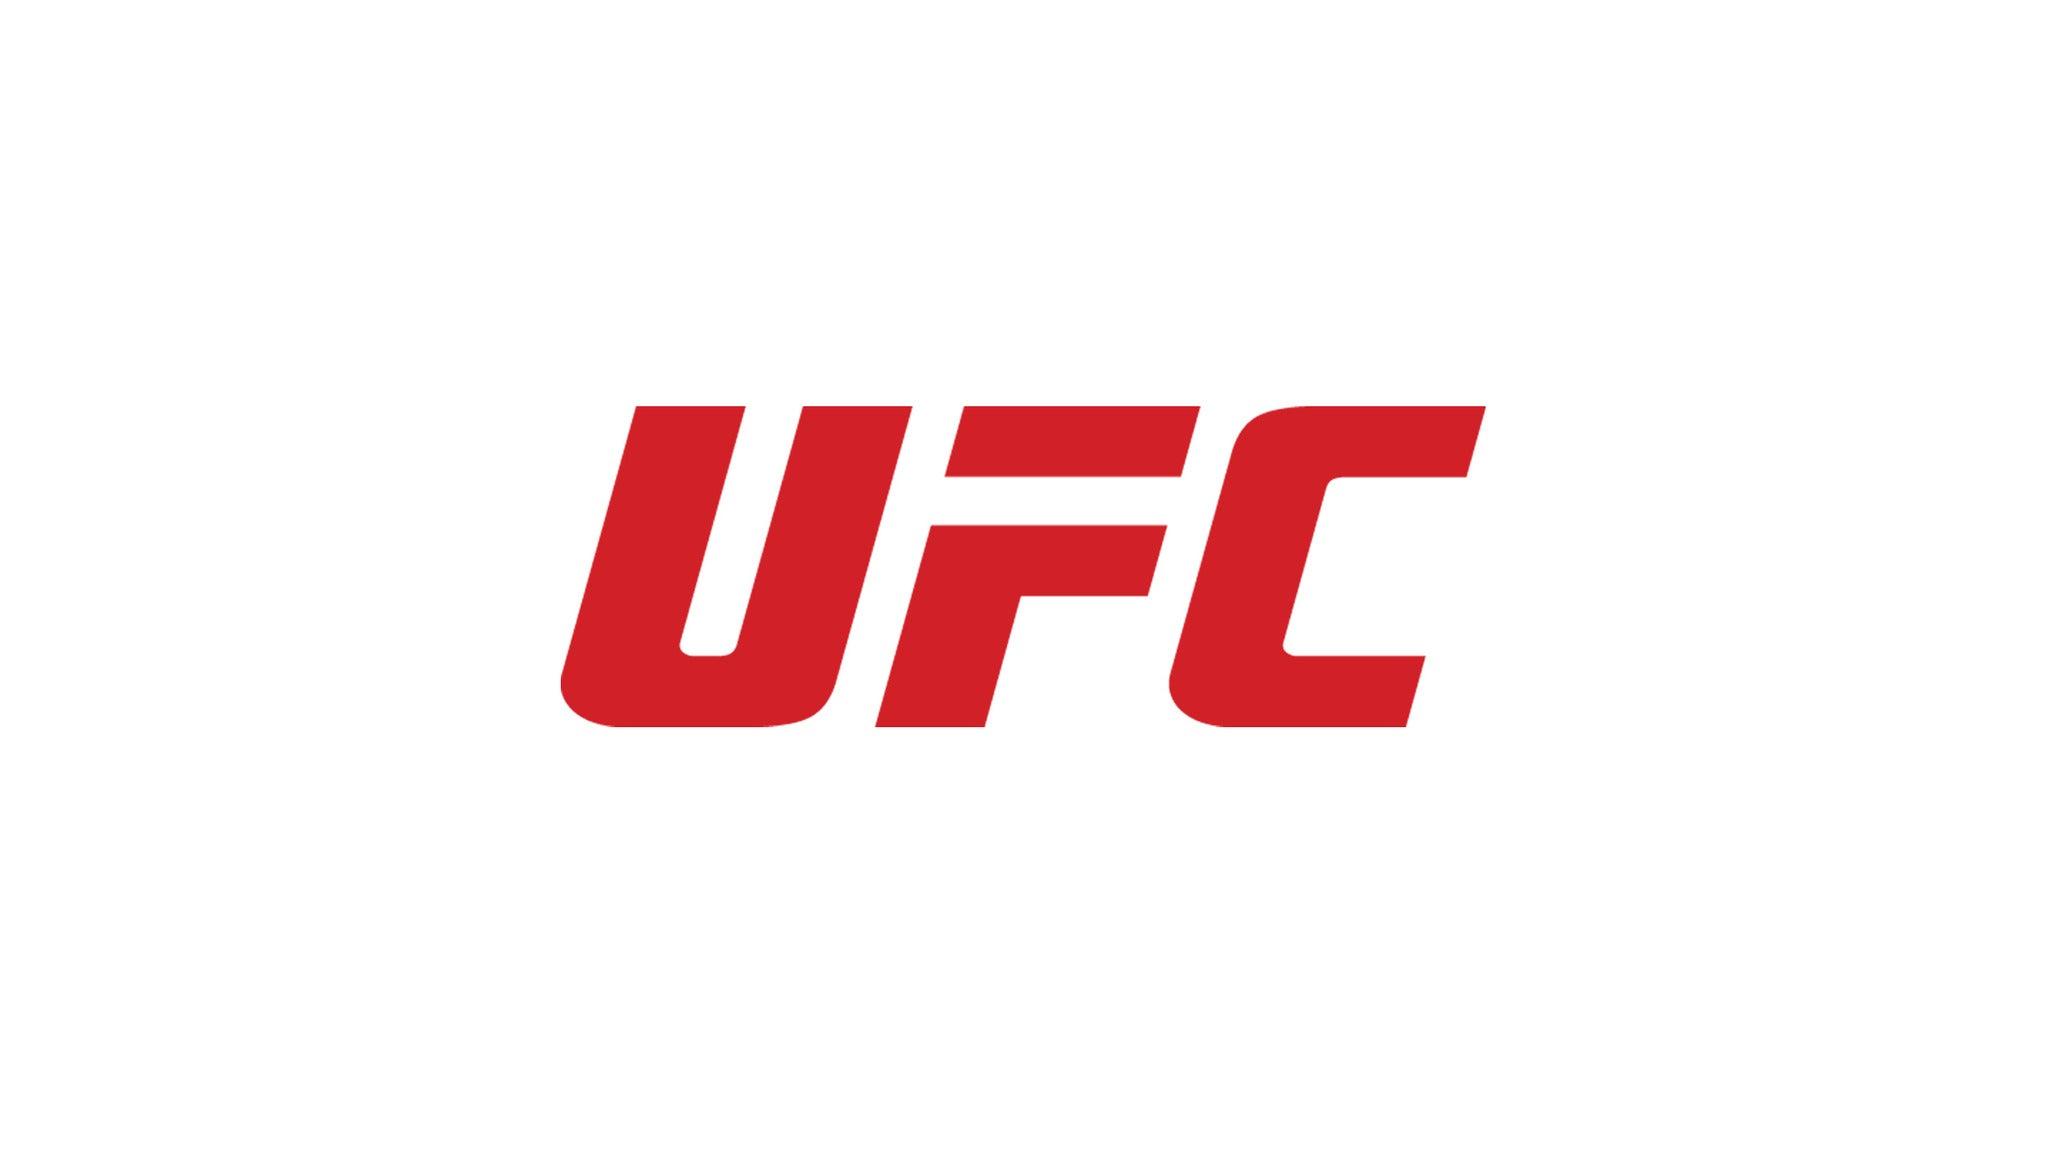 UFC 218 at Little Caesars Arena